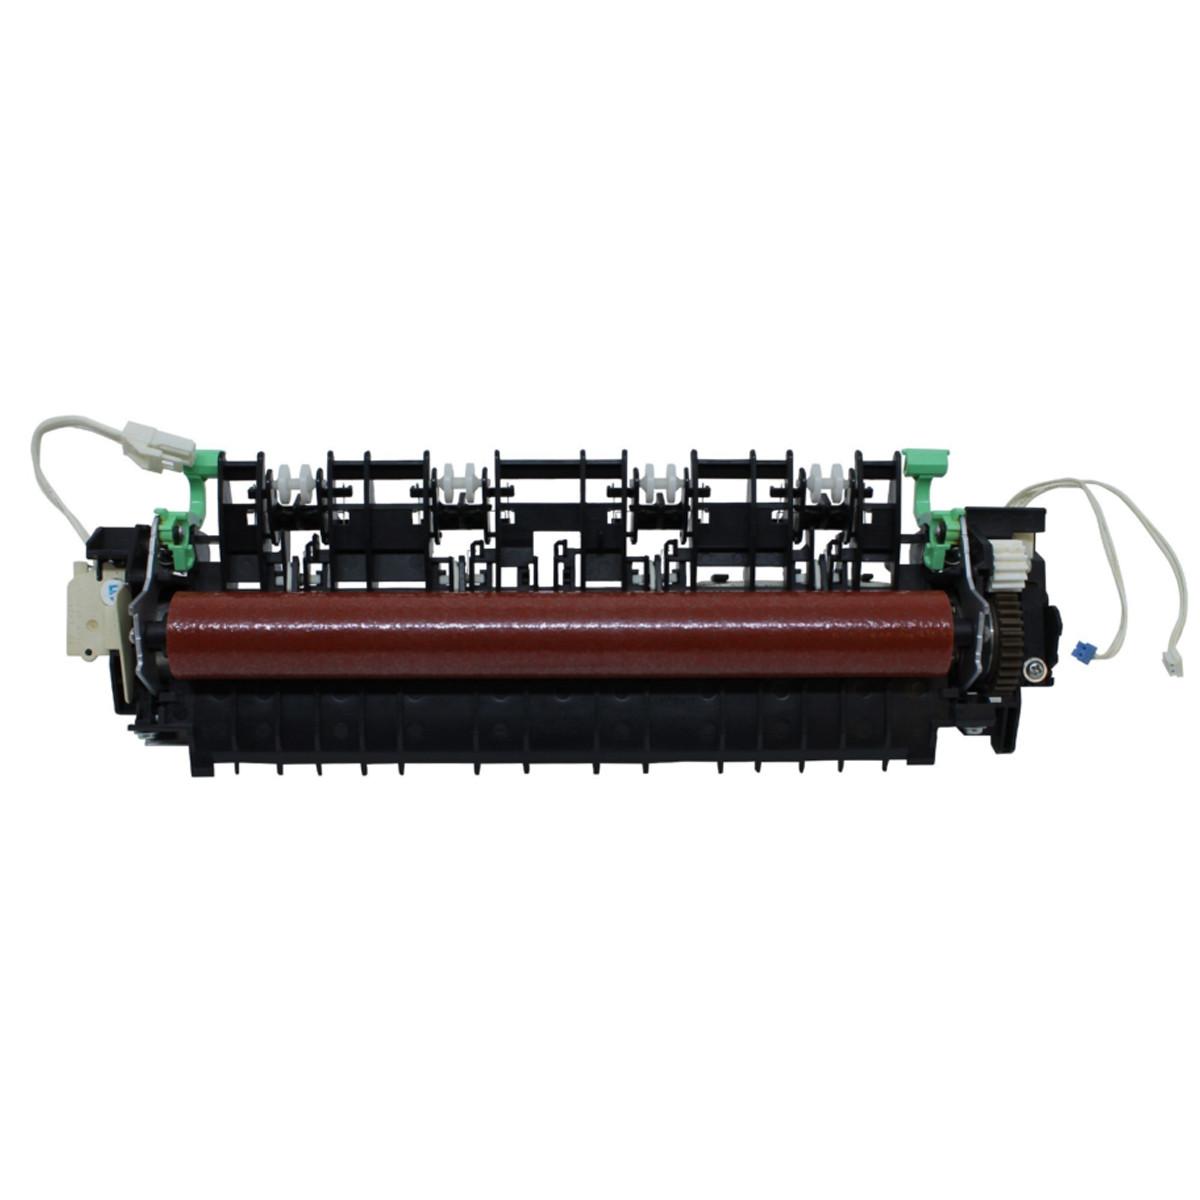 Unidade Fusora Compatível com Brother MFC2740 L2520 L2540 L2380 | LY9388001 | Importado